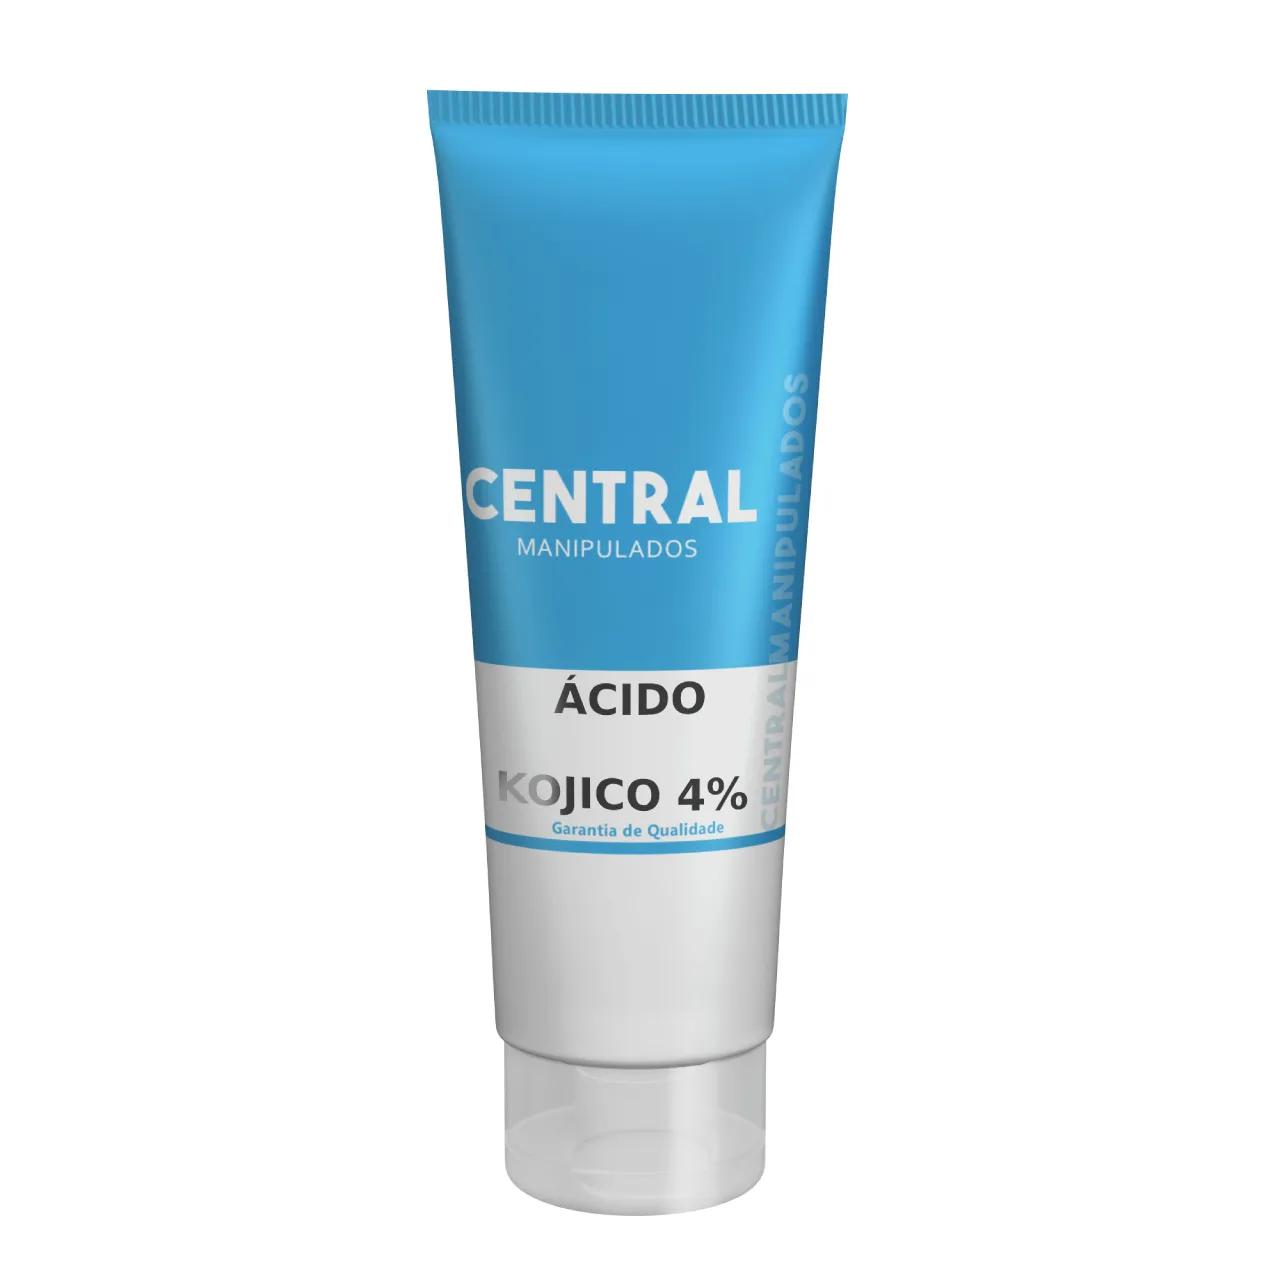 Ácido Kójico 4% 60g - Creme Clareador Facial e Corporal, Redução de cicatrizes.